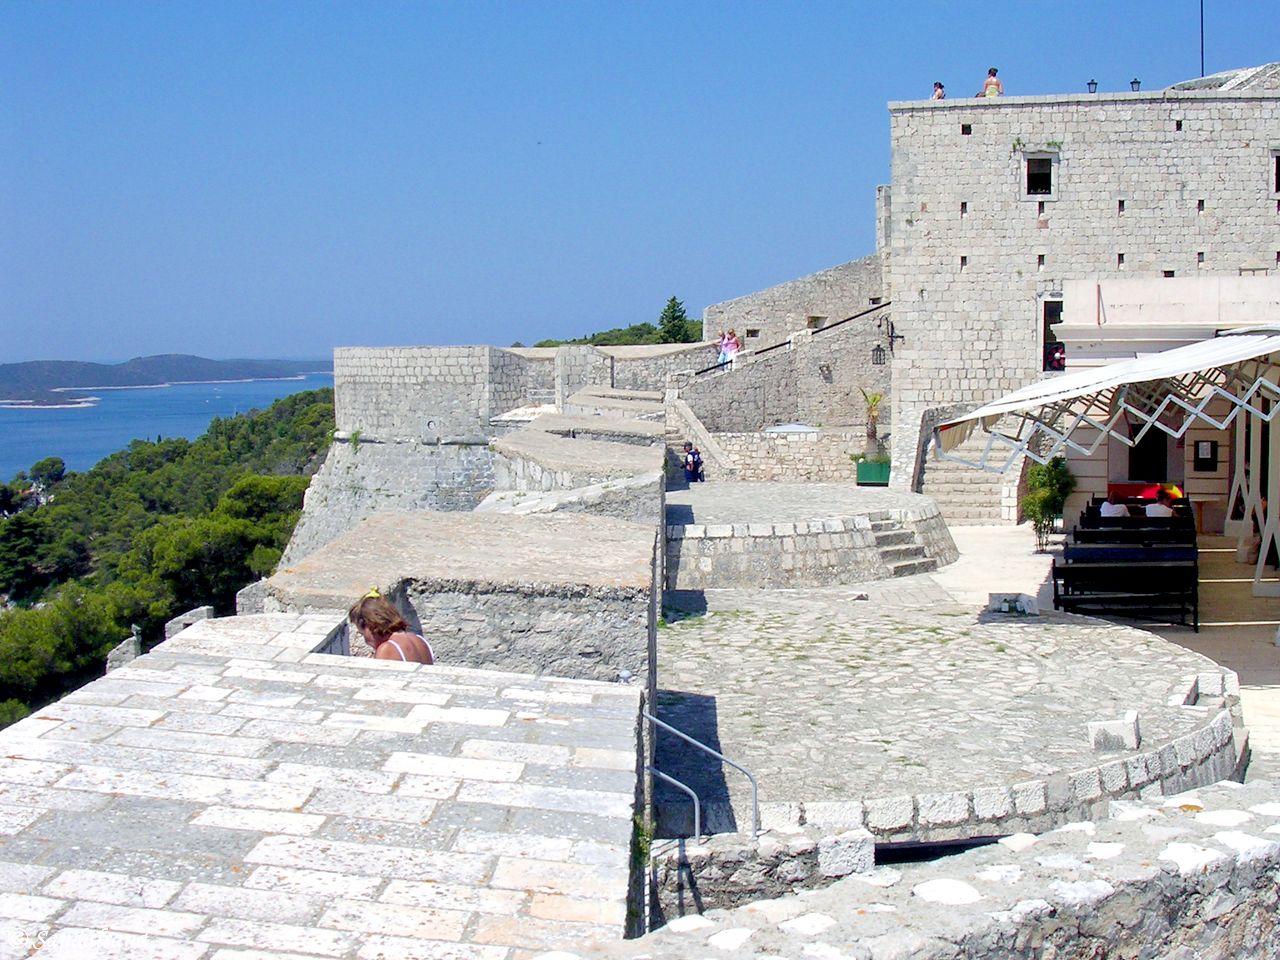 Croatia - Hvar citadel